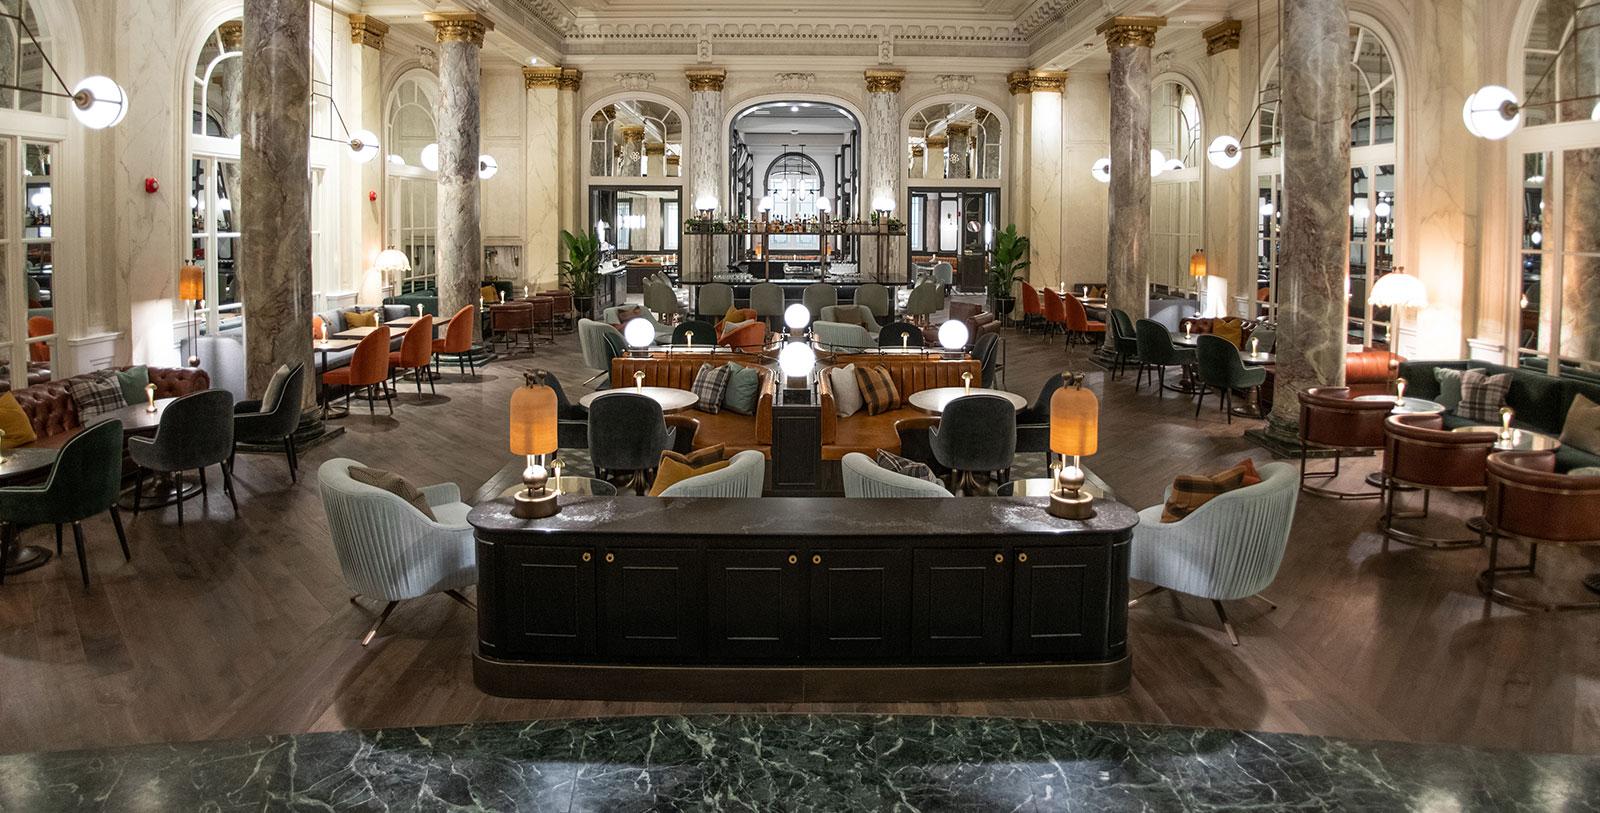 Image of Hawthorn Restaurant, Fairmont Palliser, 1914, Member of Historic Hotels Worldwide, in Calgary, Alberta, Dining